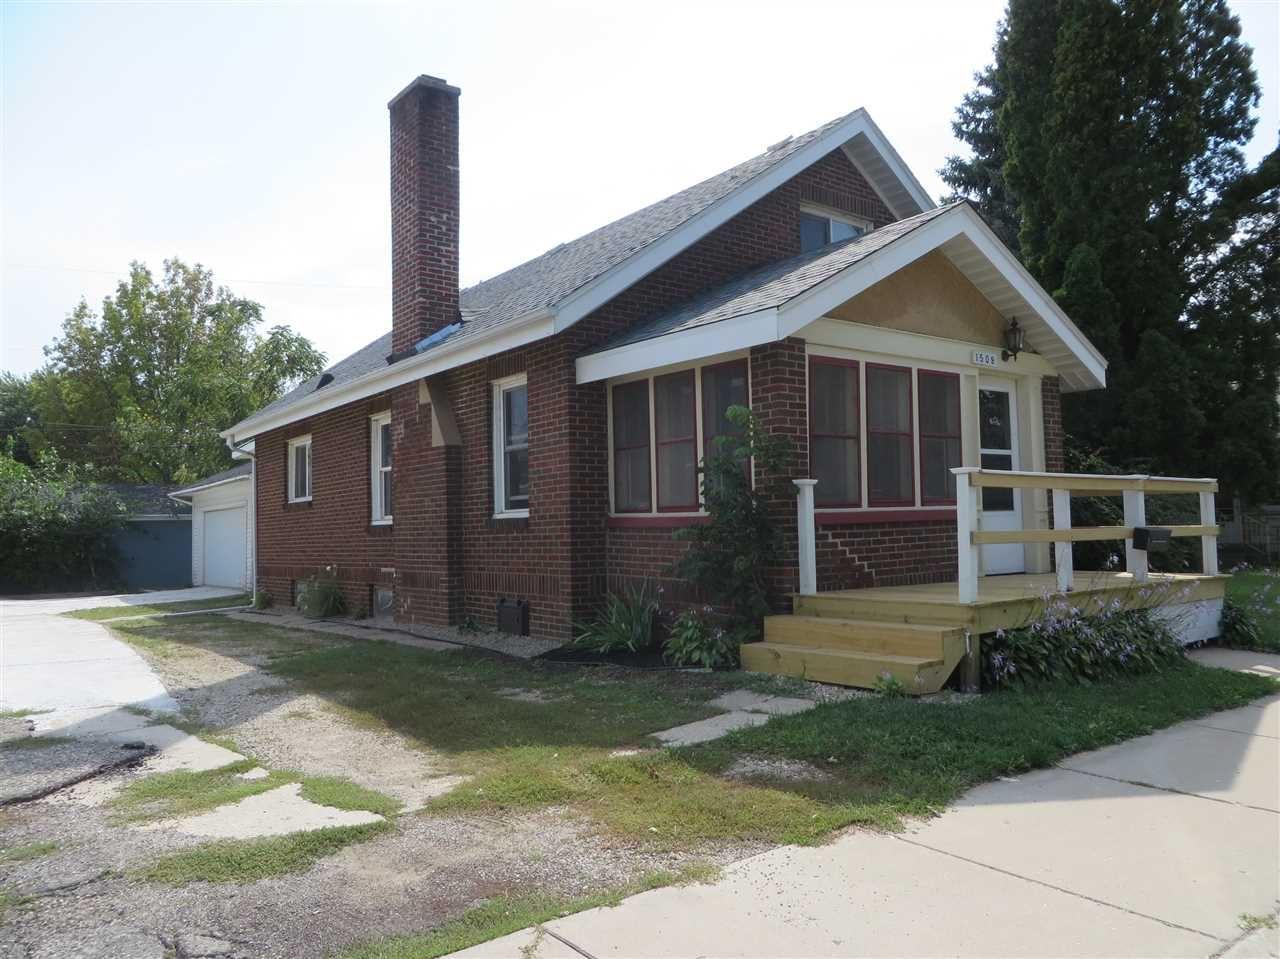 1509 W Court St, Janesville, WI 53548 - #: 1893023